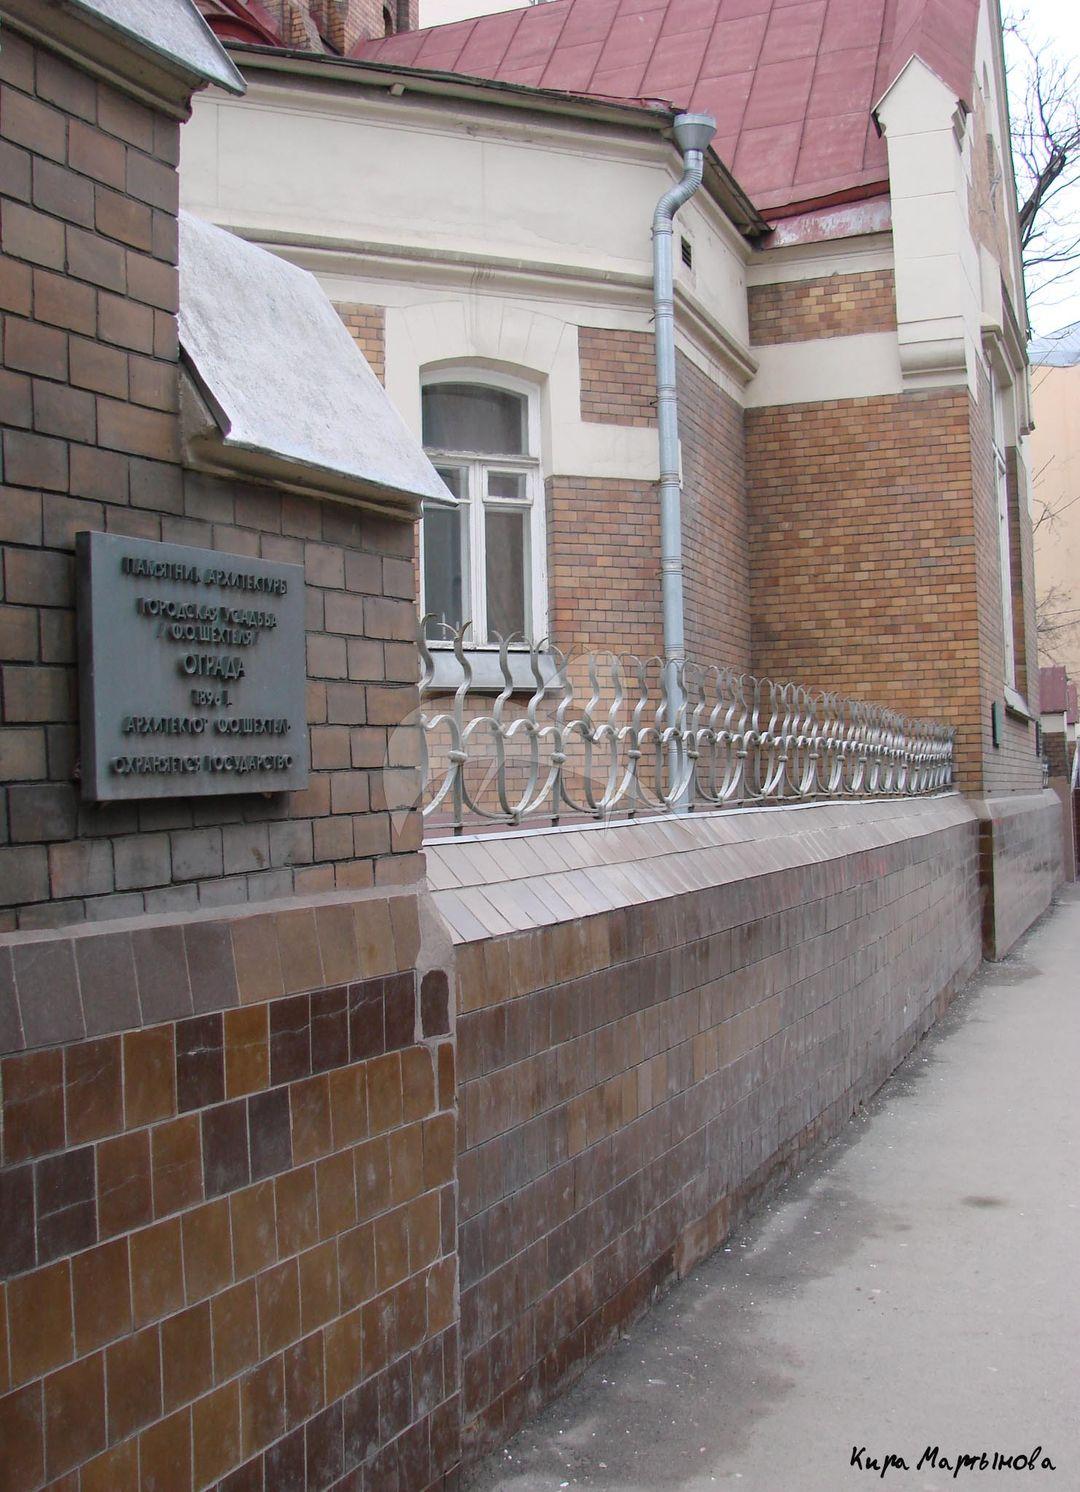 Ограда, особняк Ф.О. Шехтеля в Ермолаевском переулке, 1896 г., арх. Ф.О. Шехтель